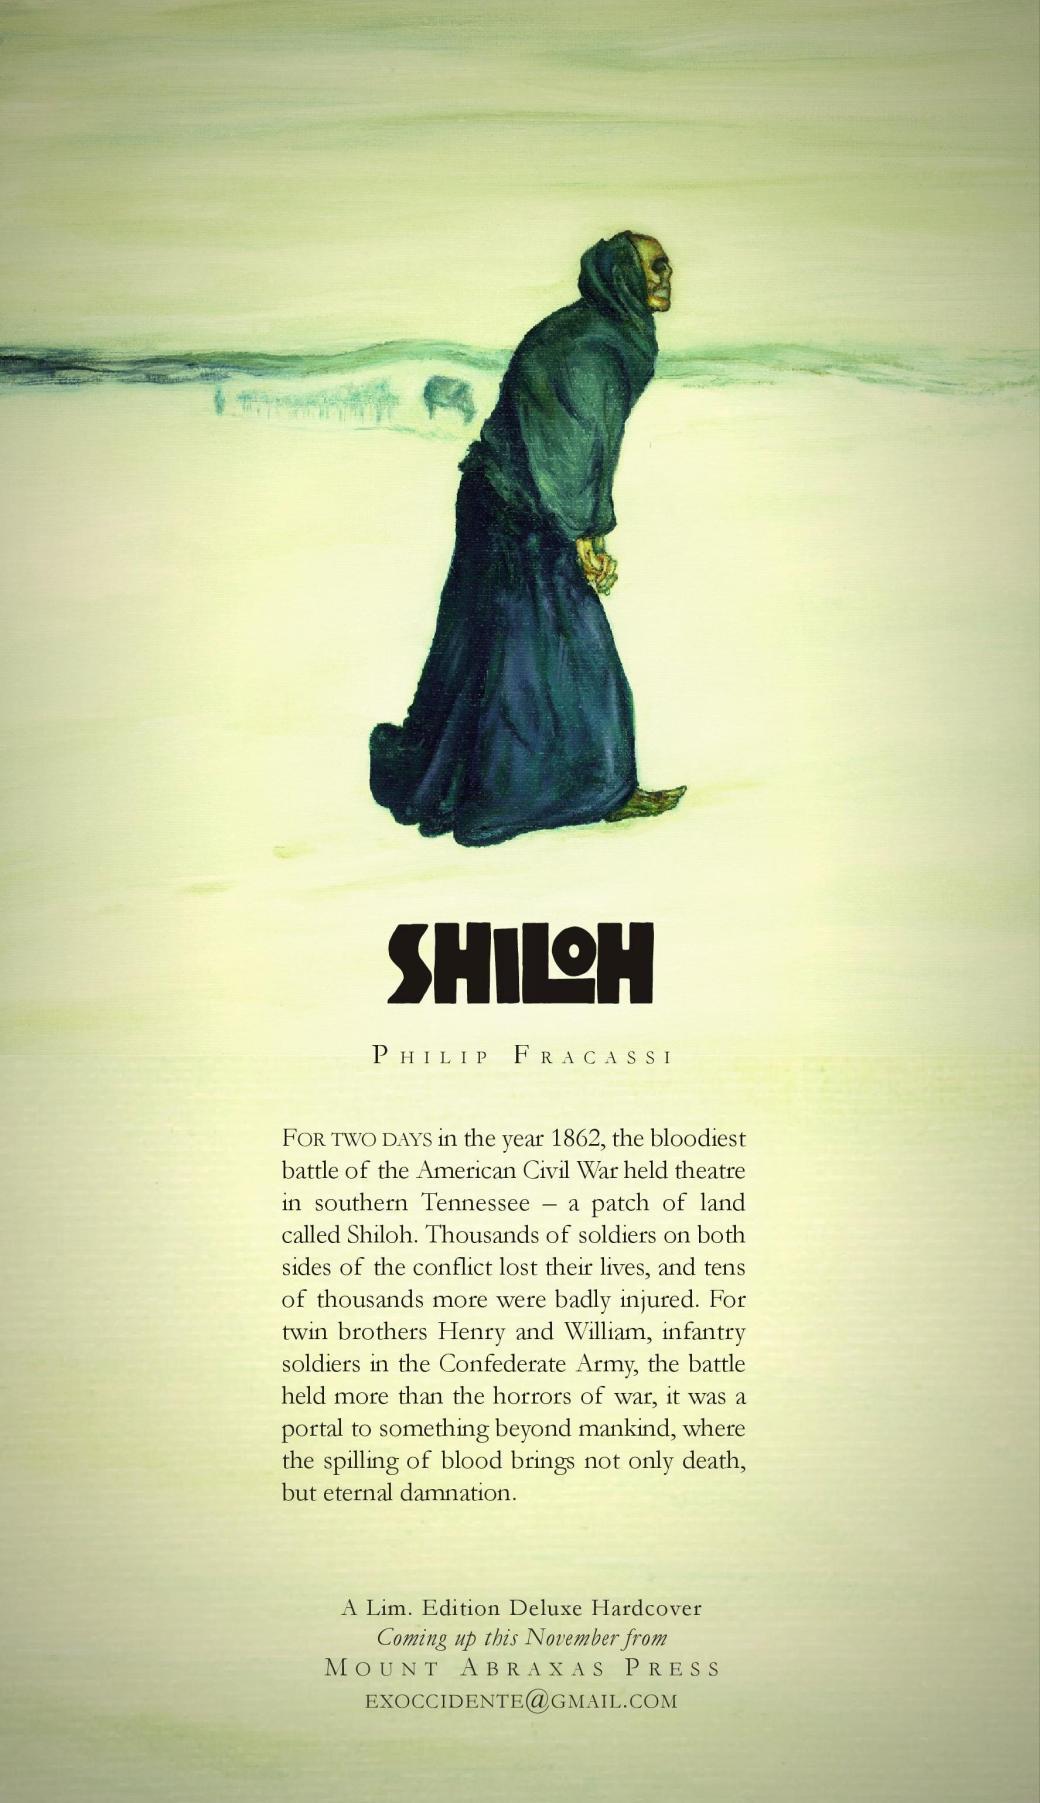 Shiloh Adv